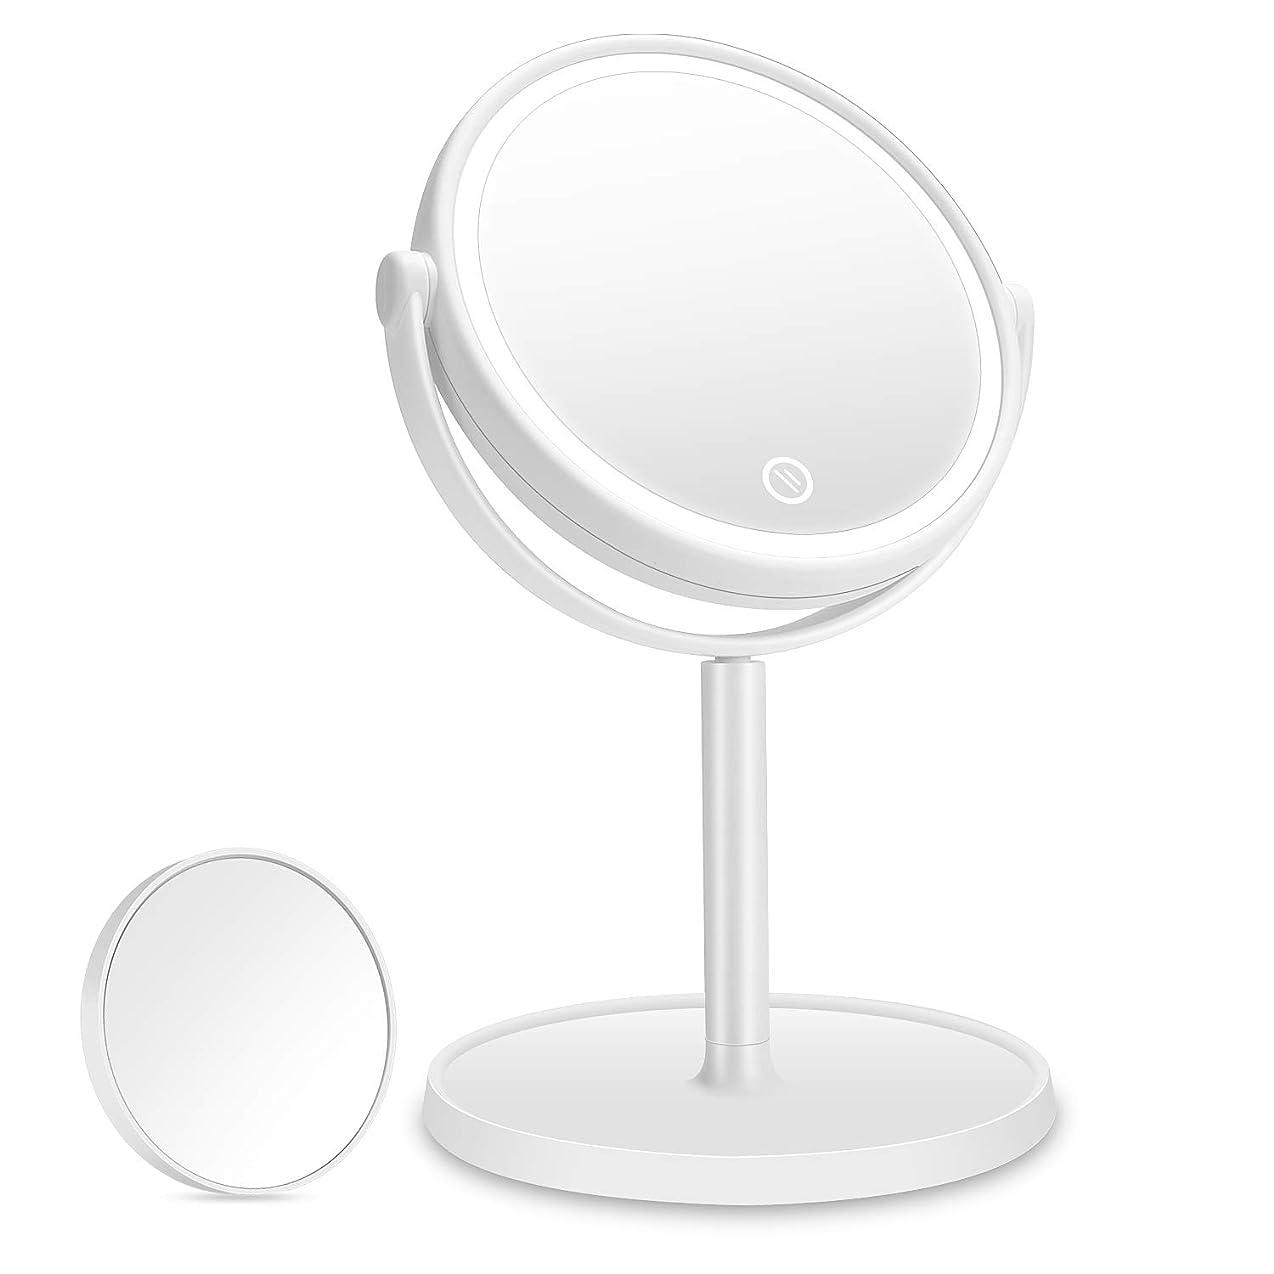 運搬増幅器愛されし者化粧鏡 Aidbucks LED 拡大鏡 5倍 卓上鏡 メイク 女優 スタンドミラー LEDライト付き 明るさ調節可 充電式 360度回転 収納 自然光 柔らかい光 折りたたみ式 USB/乾電池給電 ホワイト